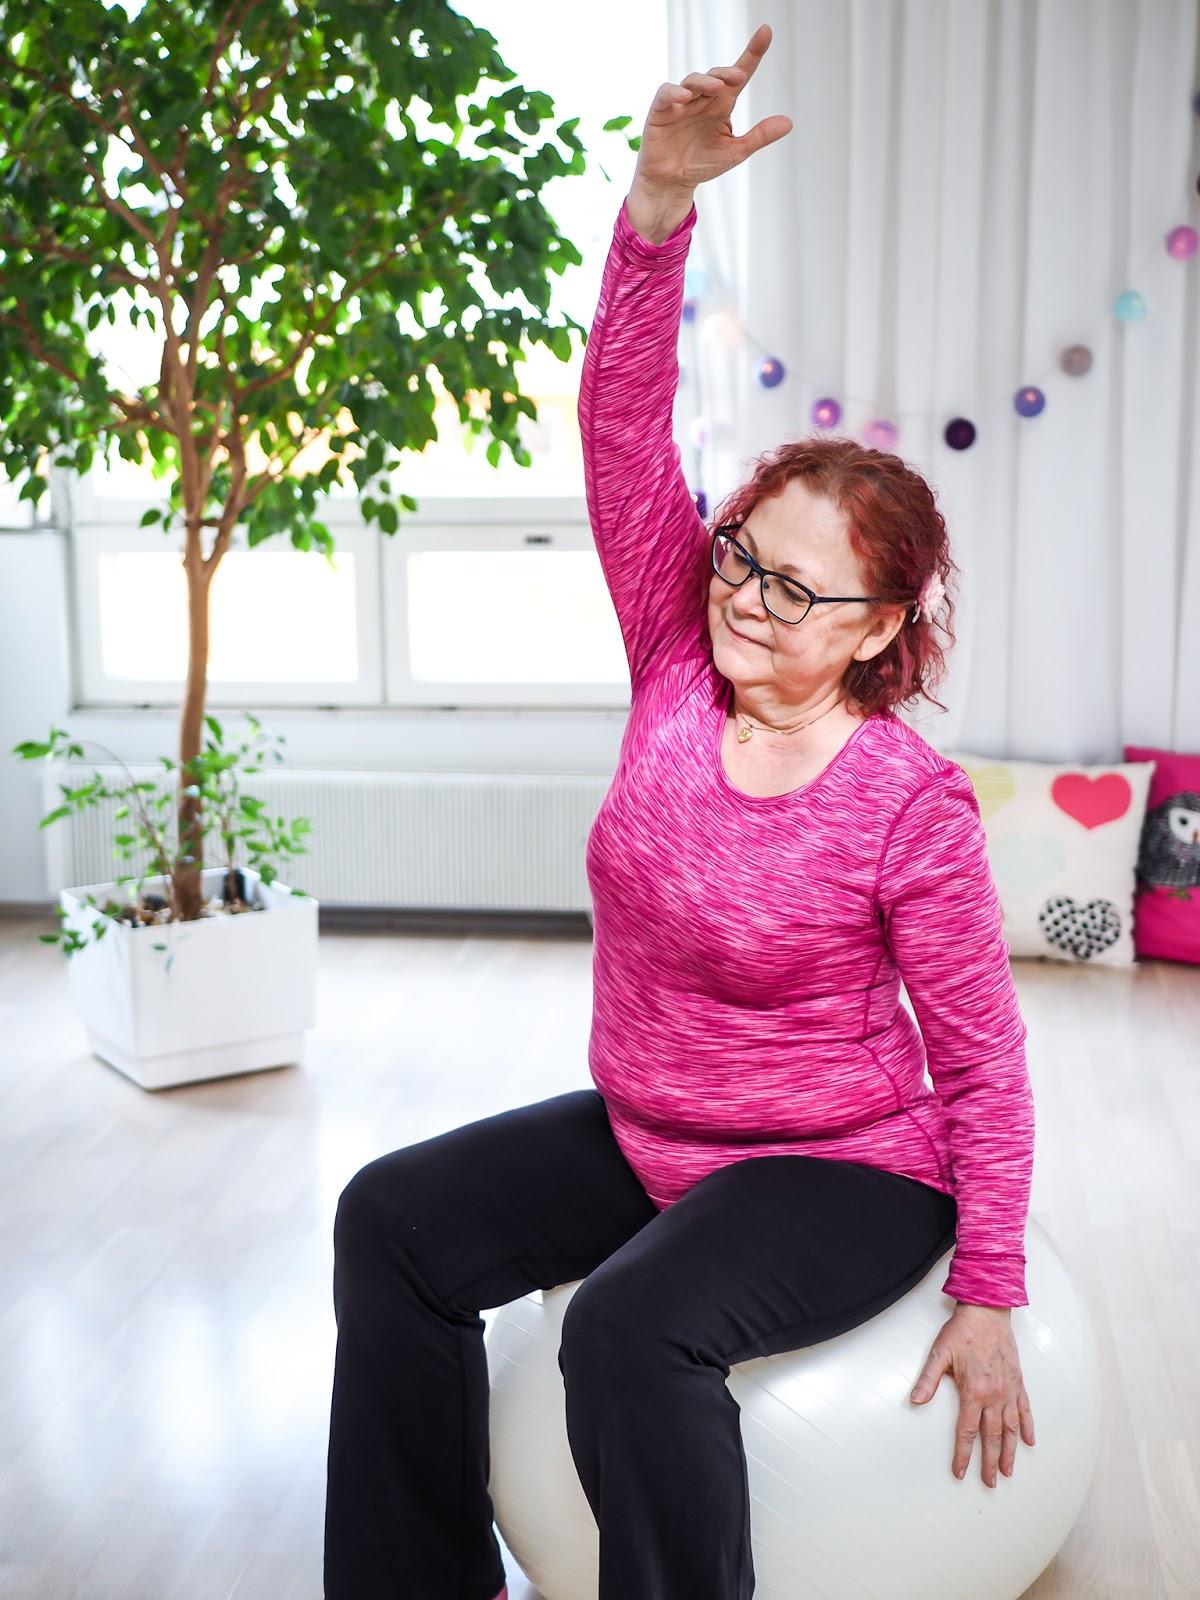 Äitiysfysioterapeutti Turku Hilppa Mäkilähde auttaa raskaana olevia ja synnyttäneitä äitejä mm. erkauman hoidossa ja lantionpohjan aktivoinnissa.